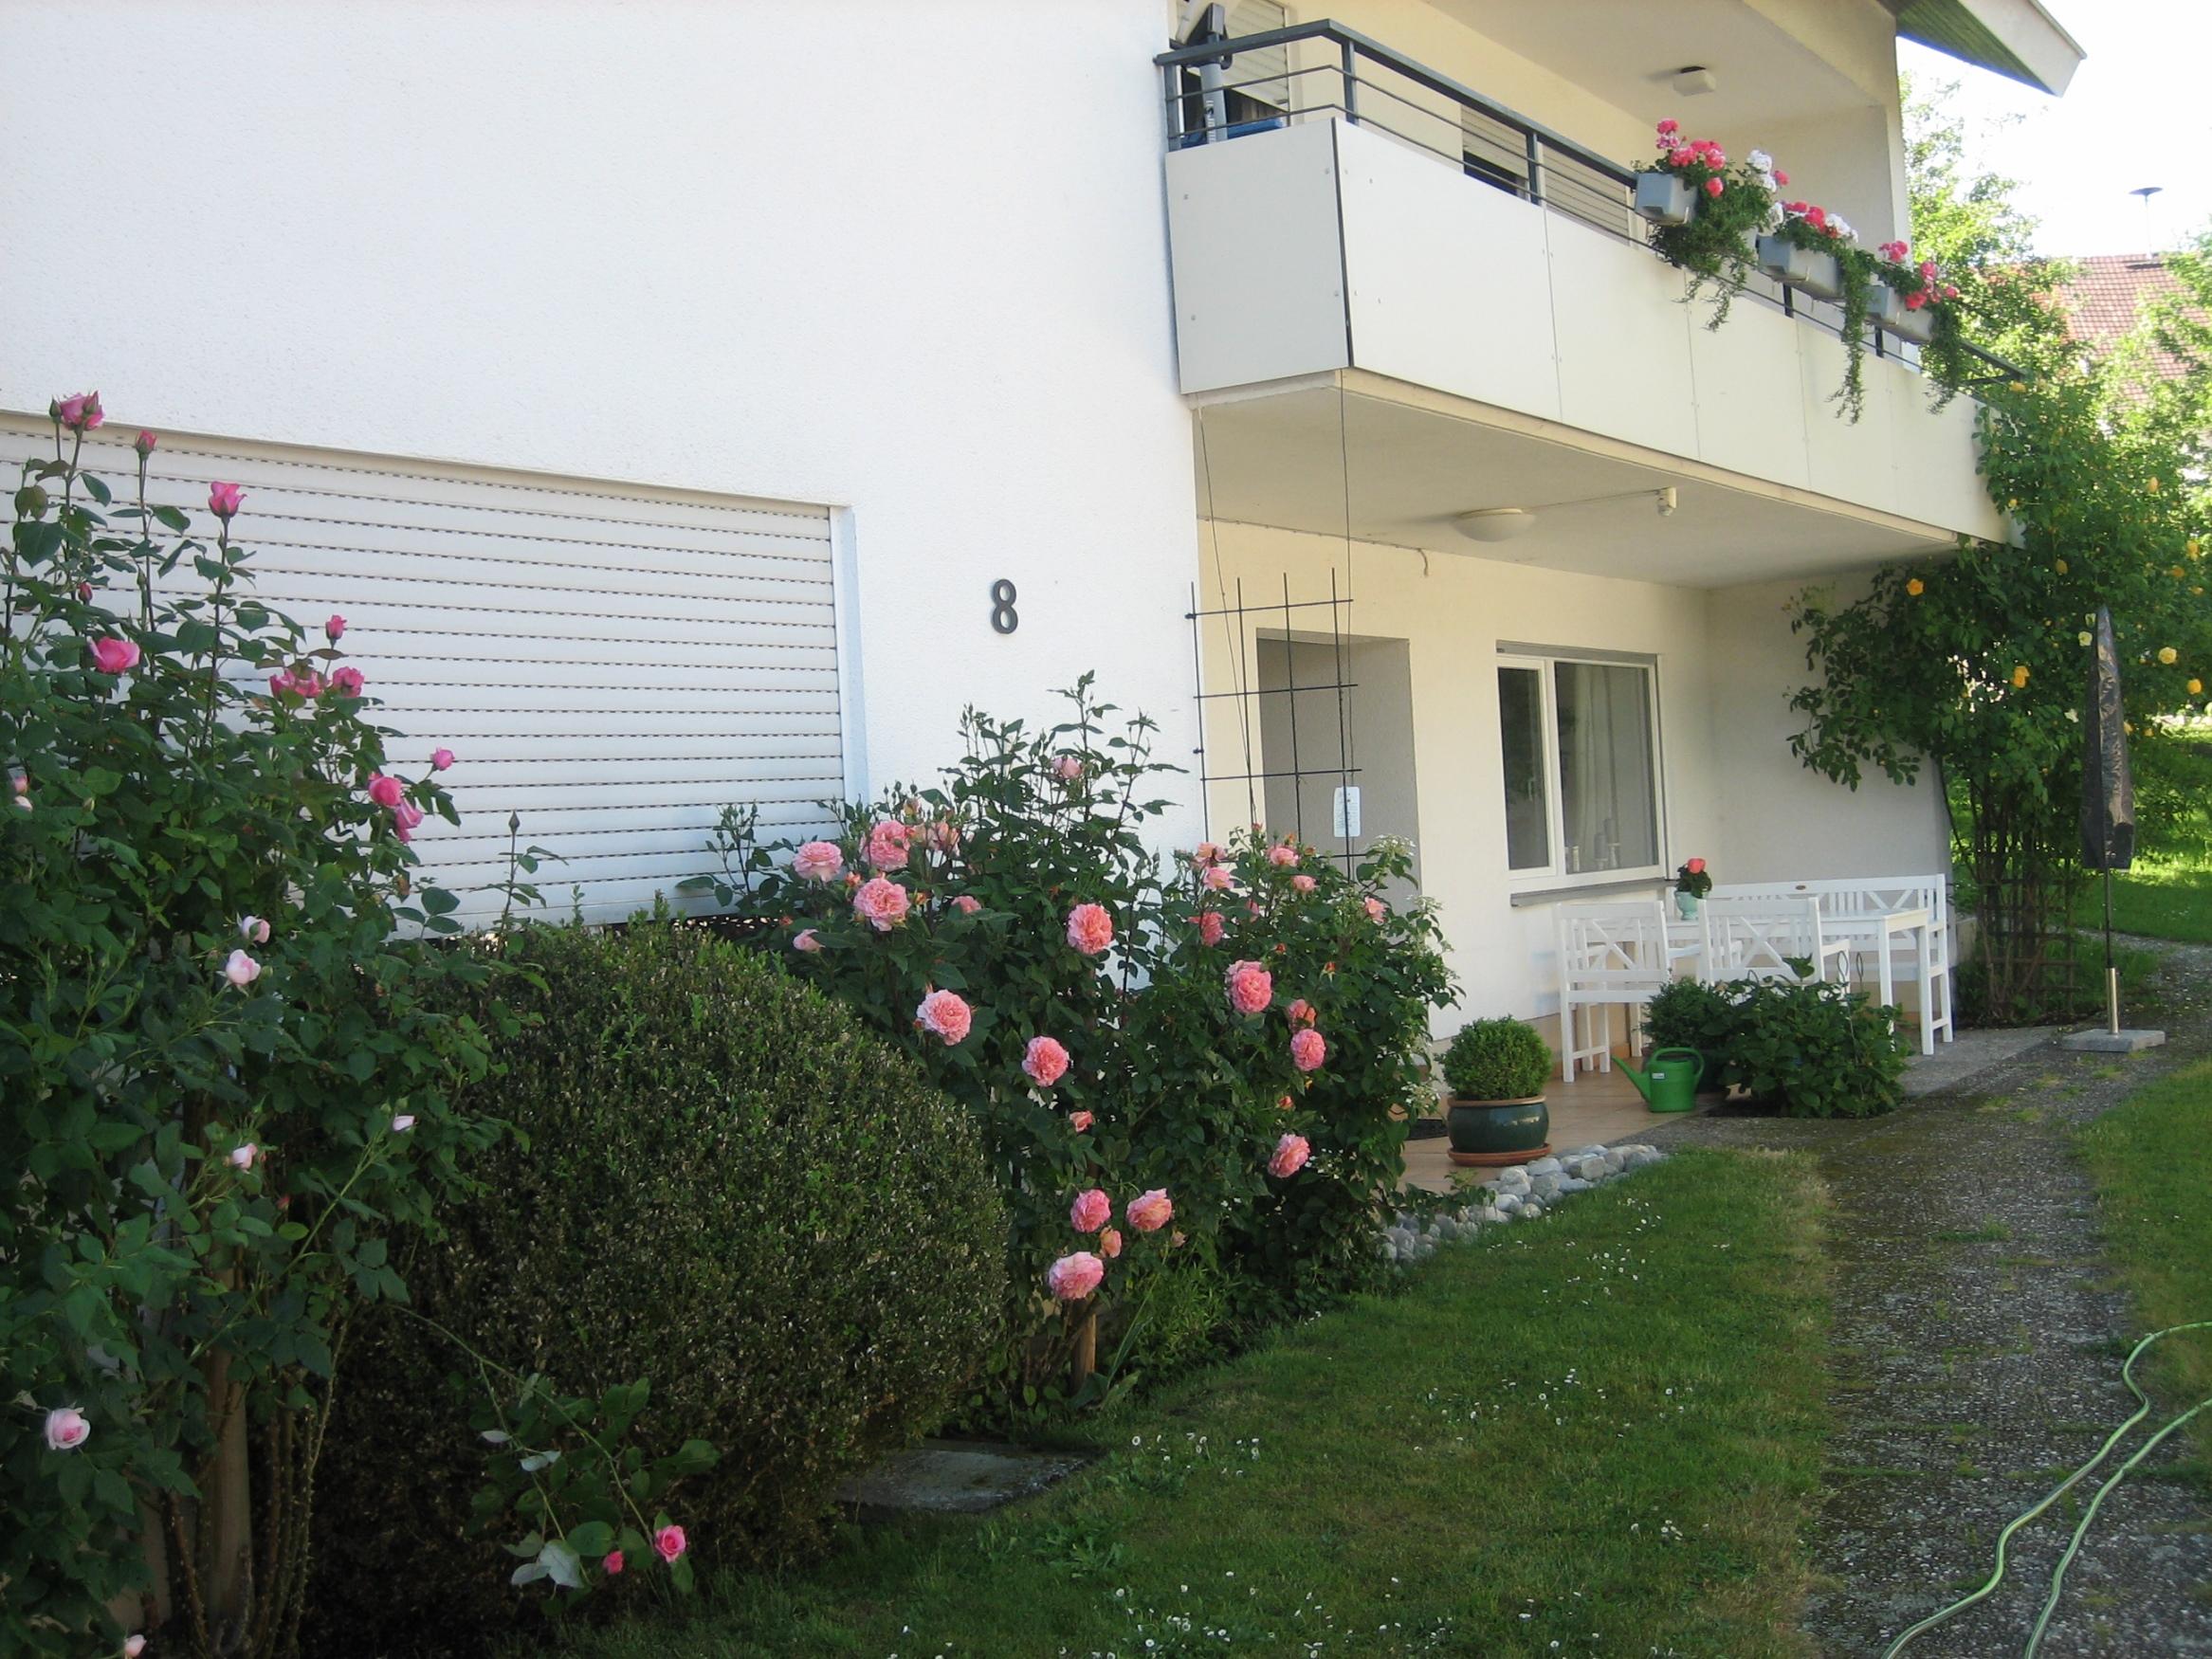 Ferienwohnung Irene Frey, (Radolfzell-Stahringen). Ferienwohnung in Deutschland